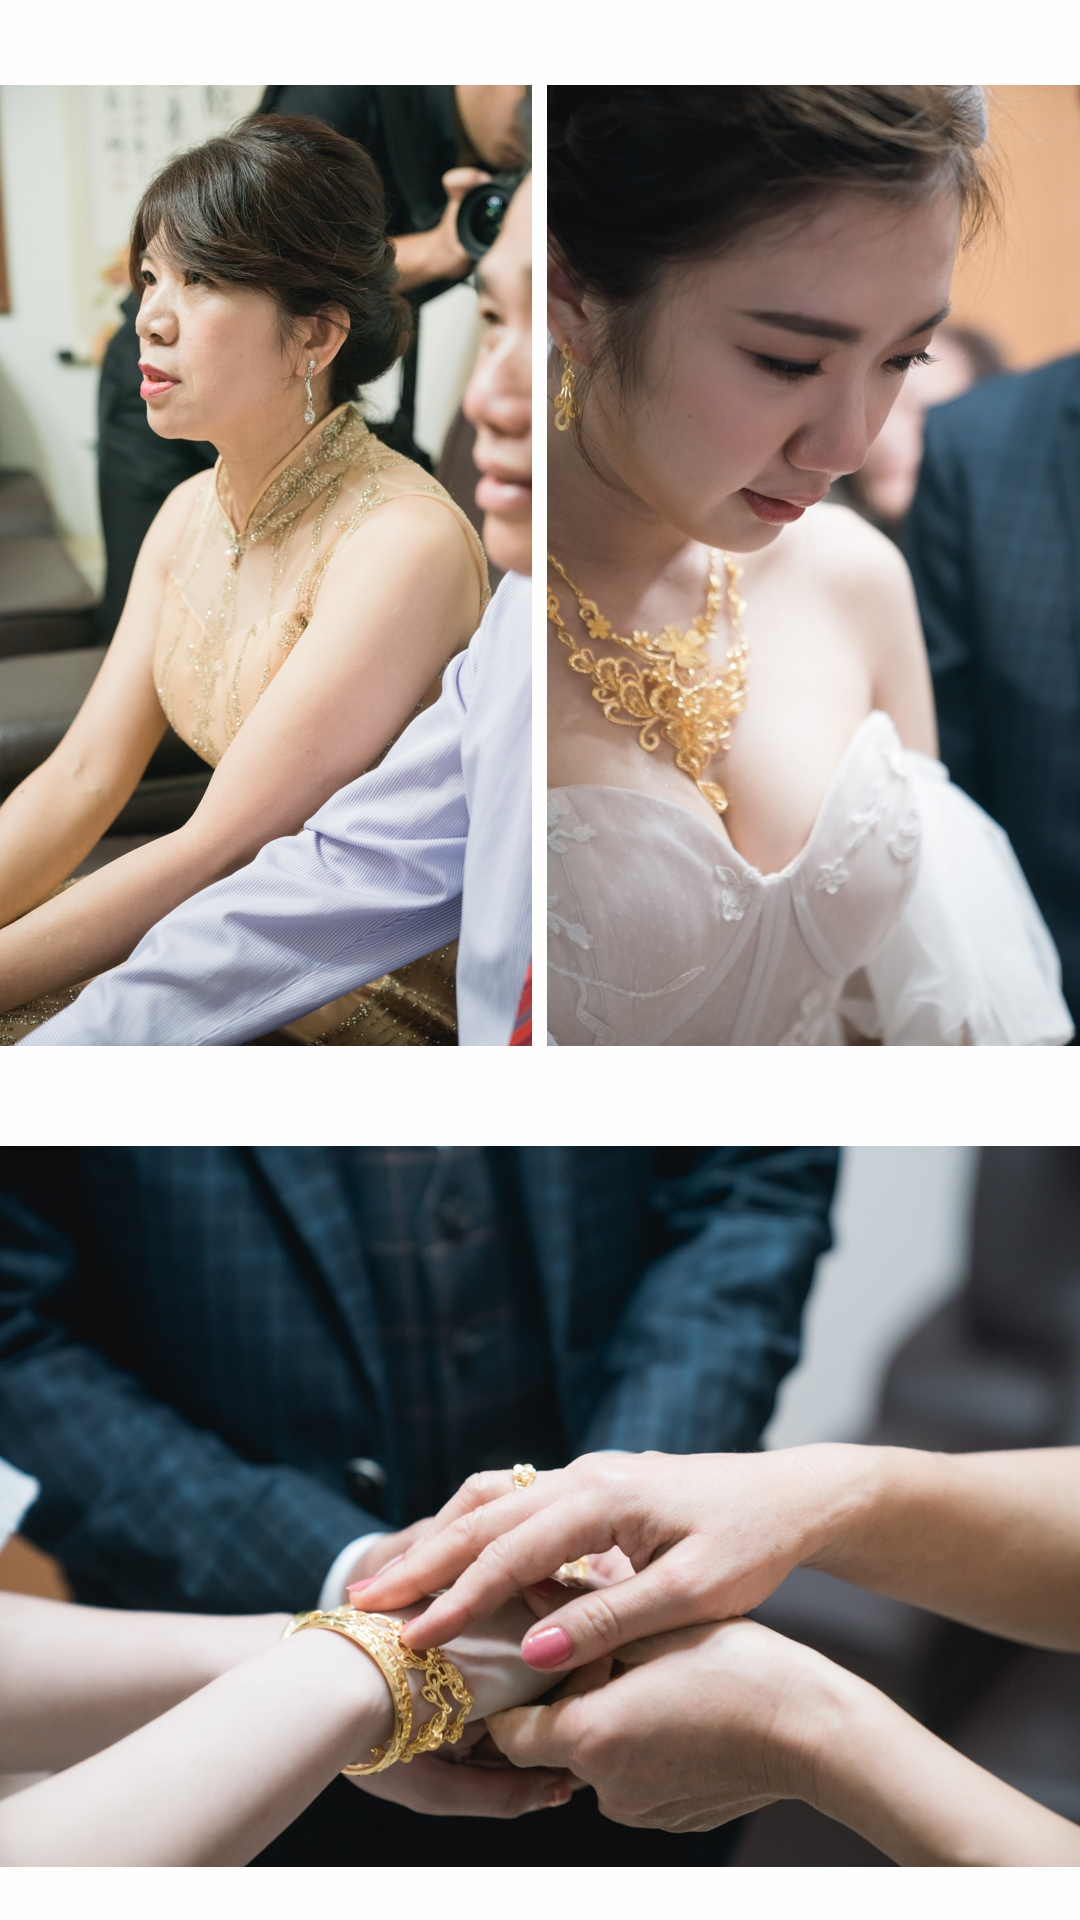 婚攝,故宮晶華,婚攝 故宮晶華,ptt婚攝推薦,婚攝推薦,婚禮